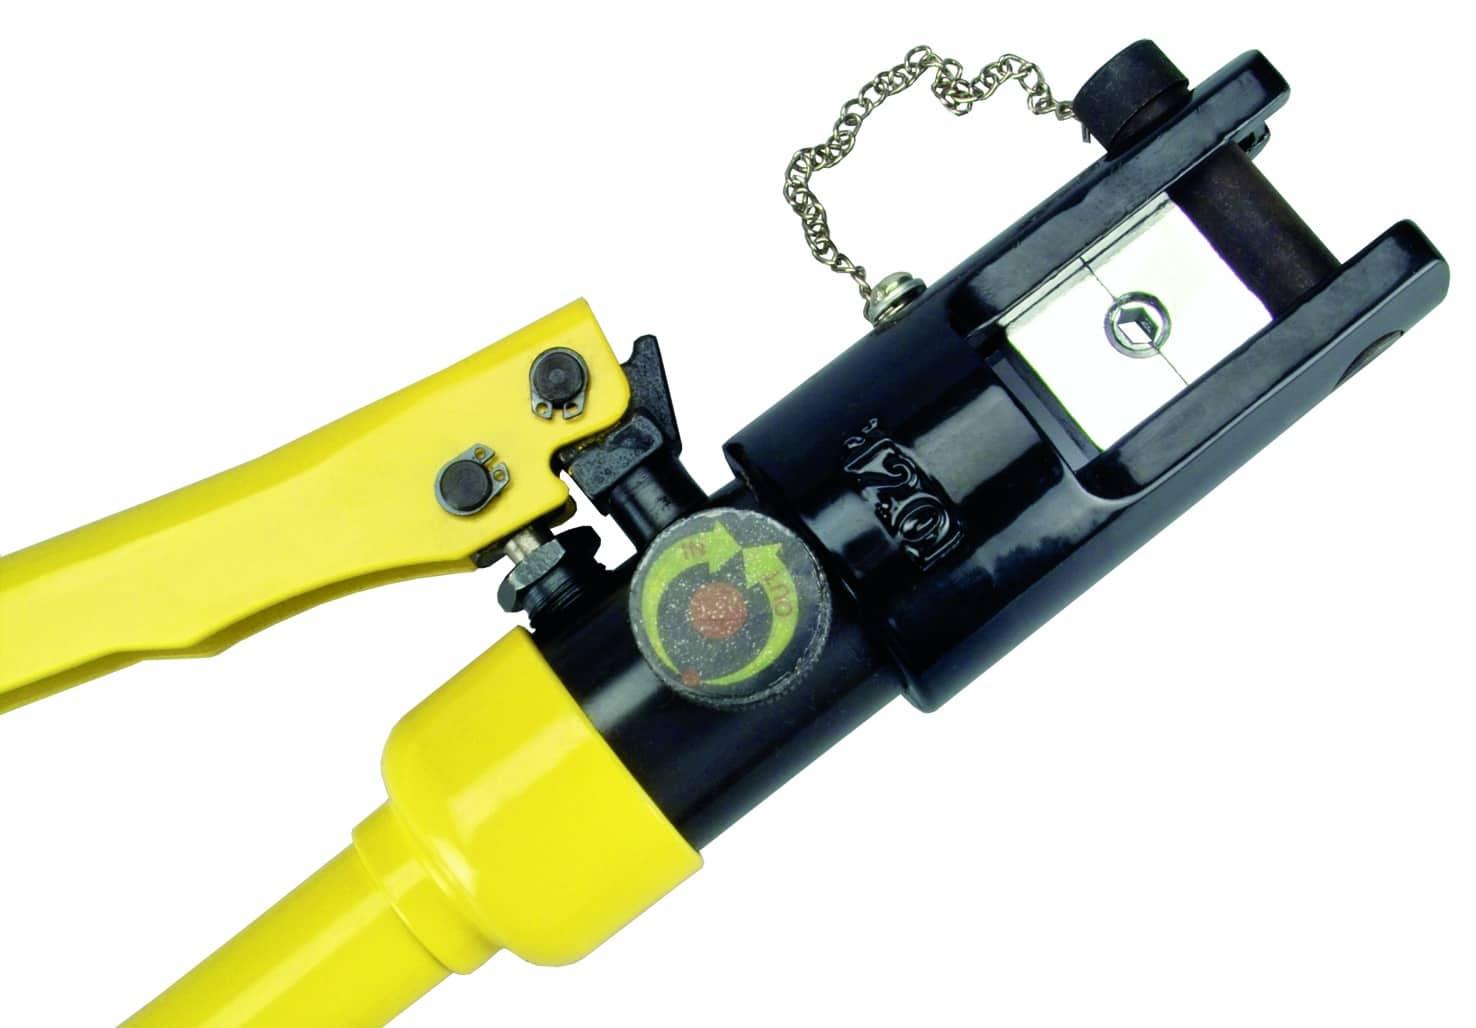 sinuslive-kch-hydraulische-kabelcrimpzange-12224-13796